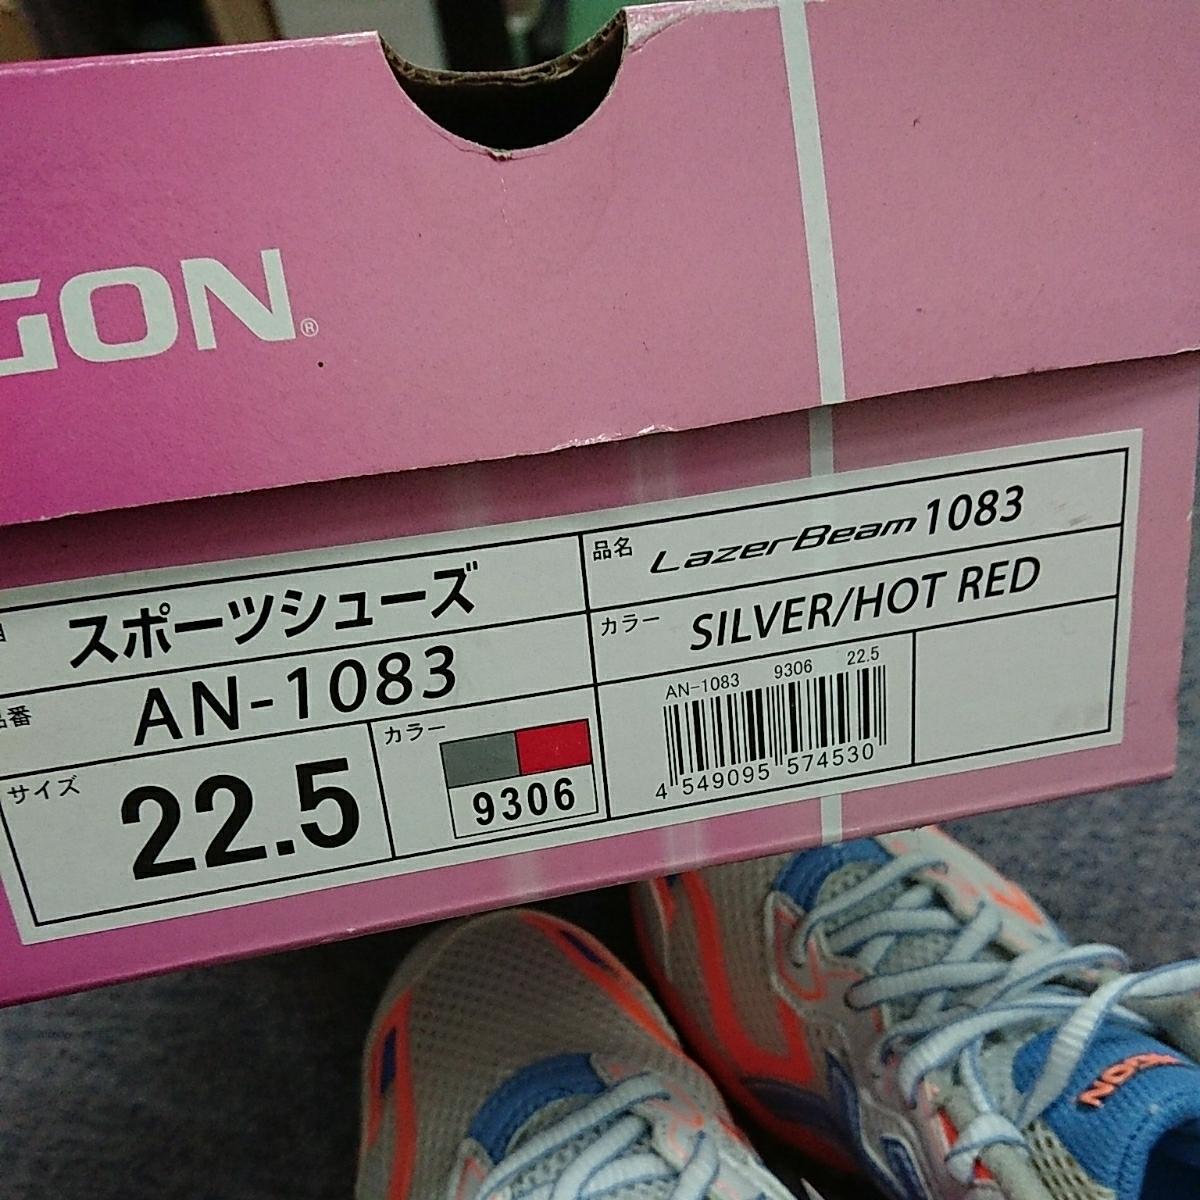 80 タイゴン 22.5cm 未使用品 スニーカー レディース_画像10